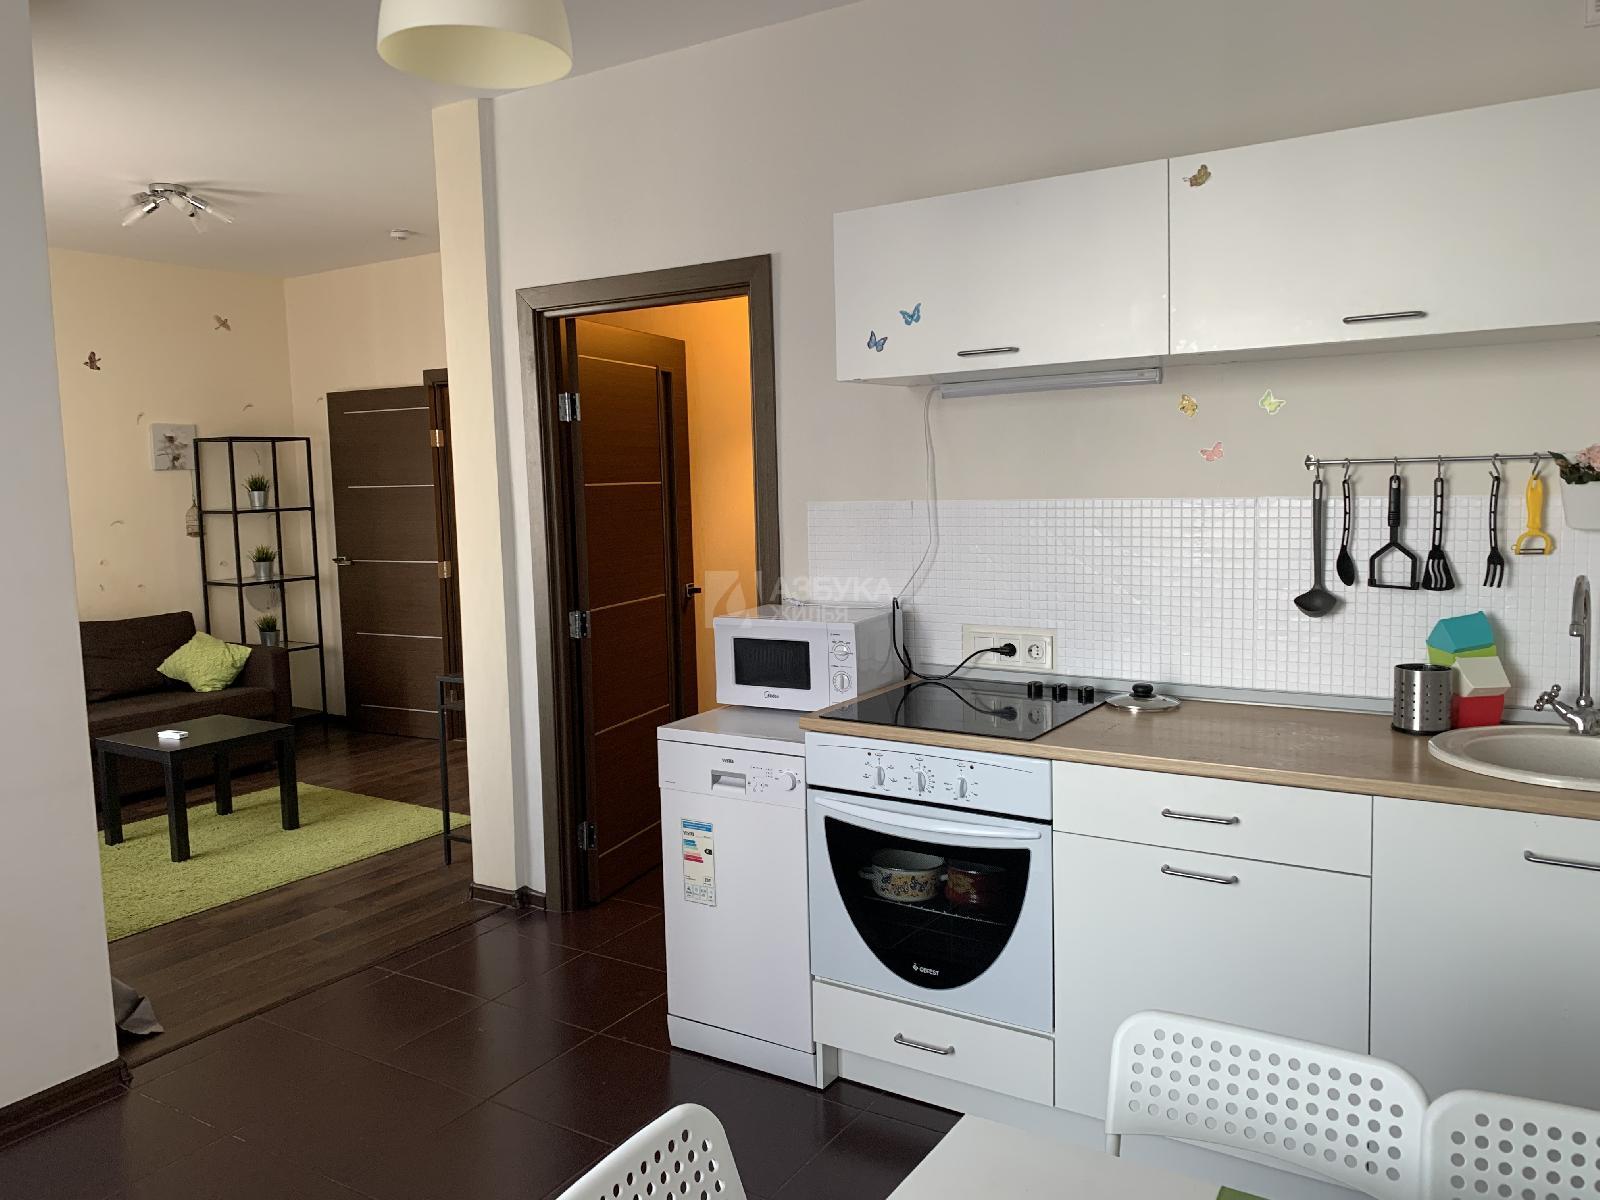 Фото №1 - 2-комнатная квартира, Москва, Митинская улица 28 корпус 2, метро Митино